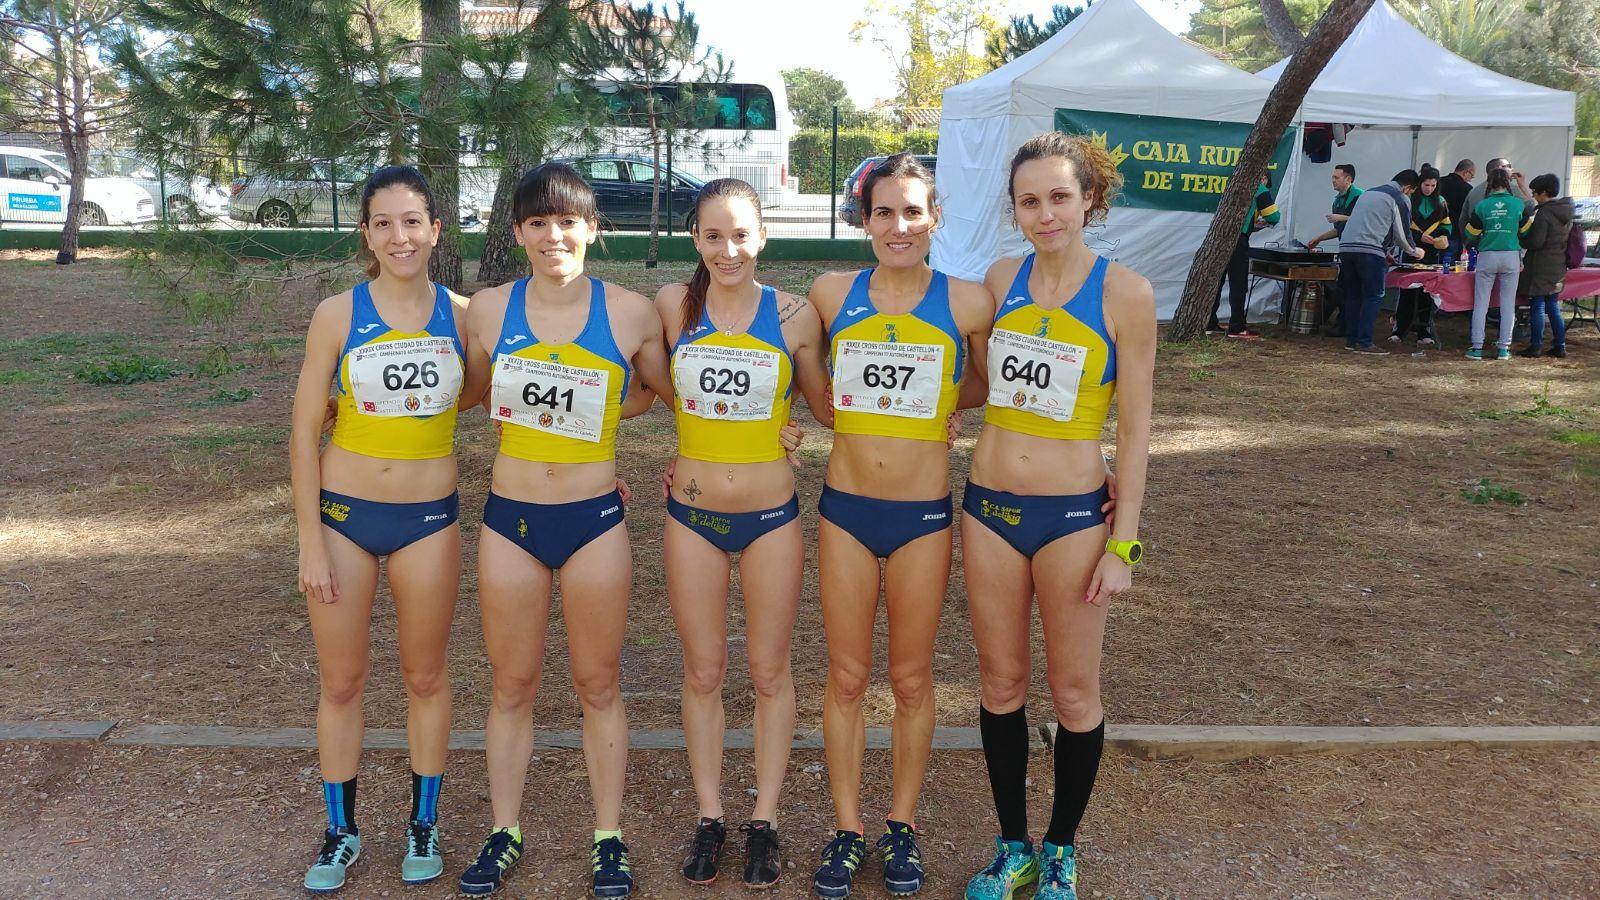 L'equip absolut femení de cross que va aconseguir el títol autonòmic a Castelló.